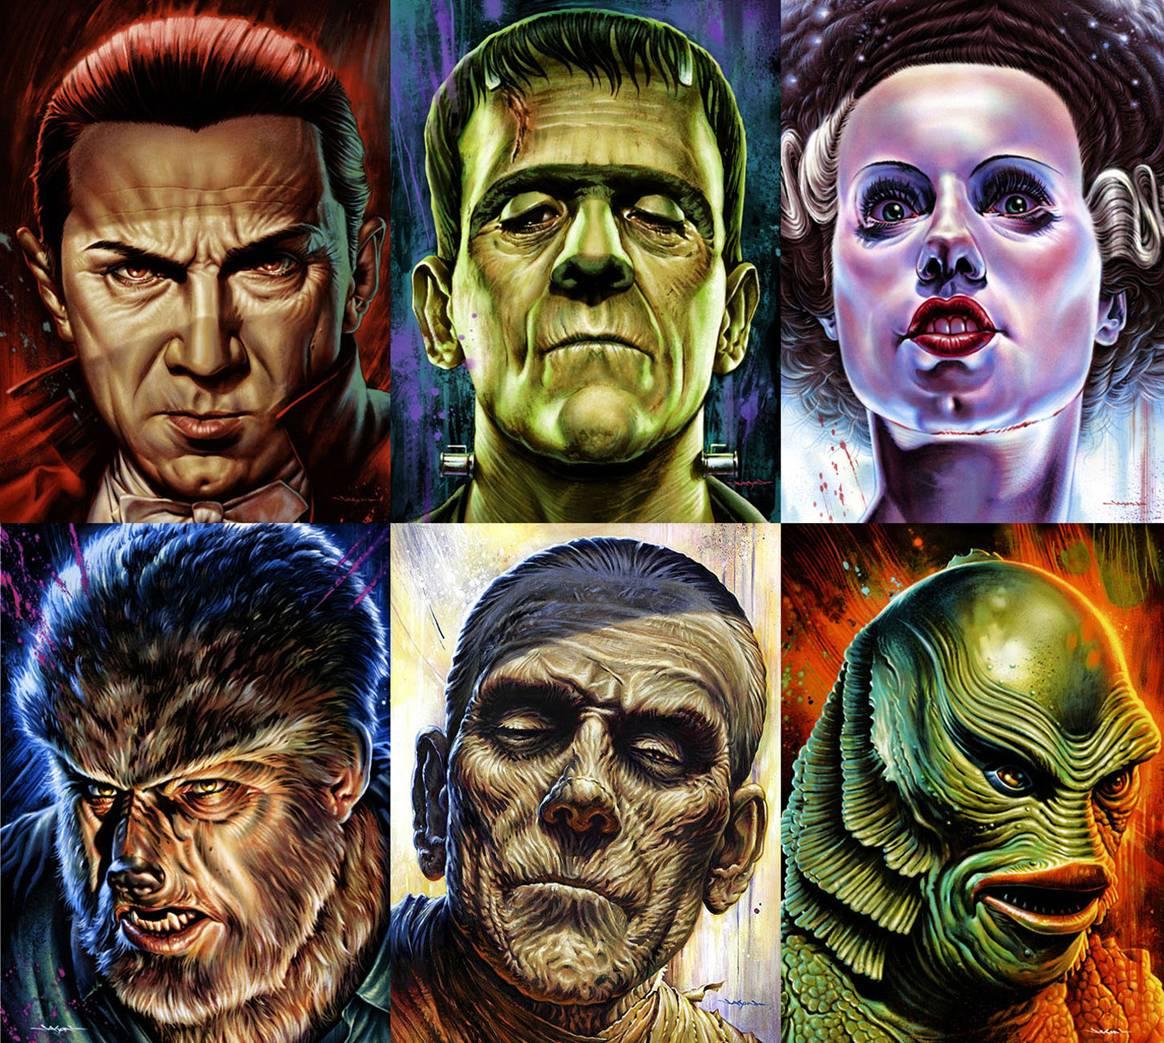 DARK UNIVERSE: O que os monstros da Universal podem mostrar hoje?